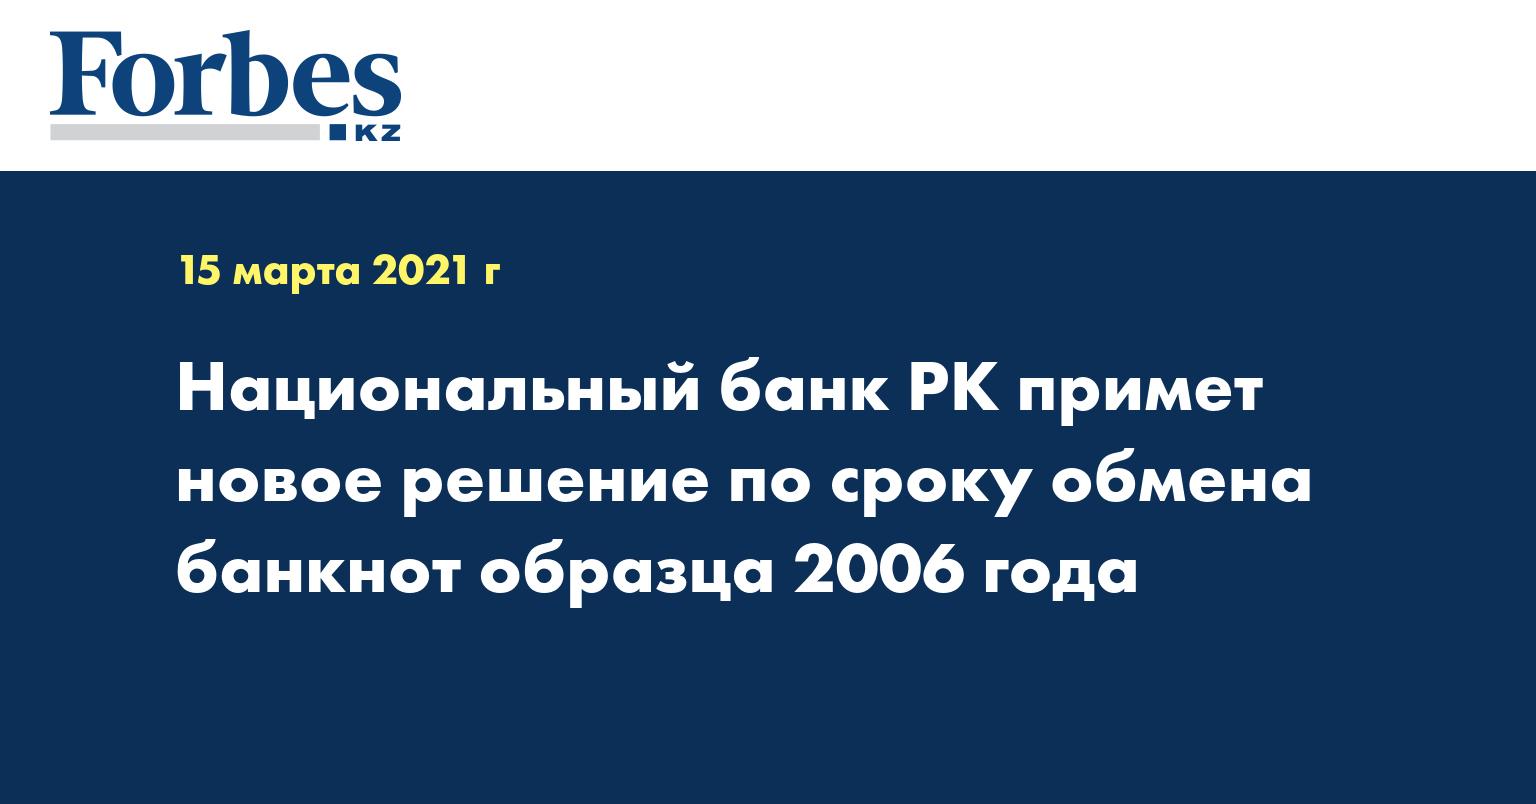 Национальный банк РК примет новое решение по сроку обмена банкнот образца 2006 года